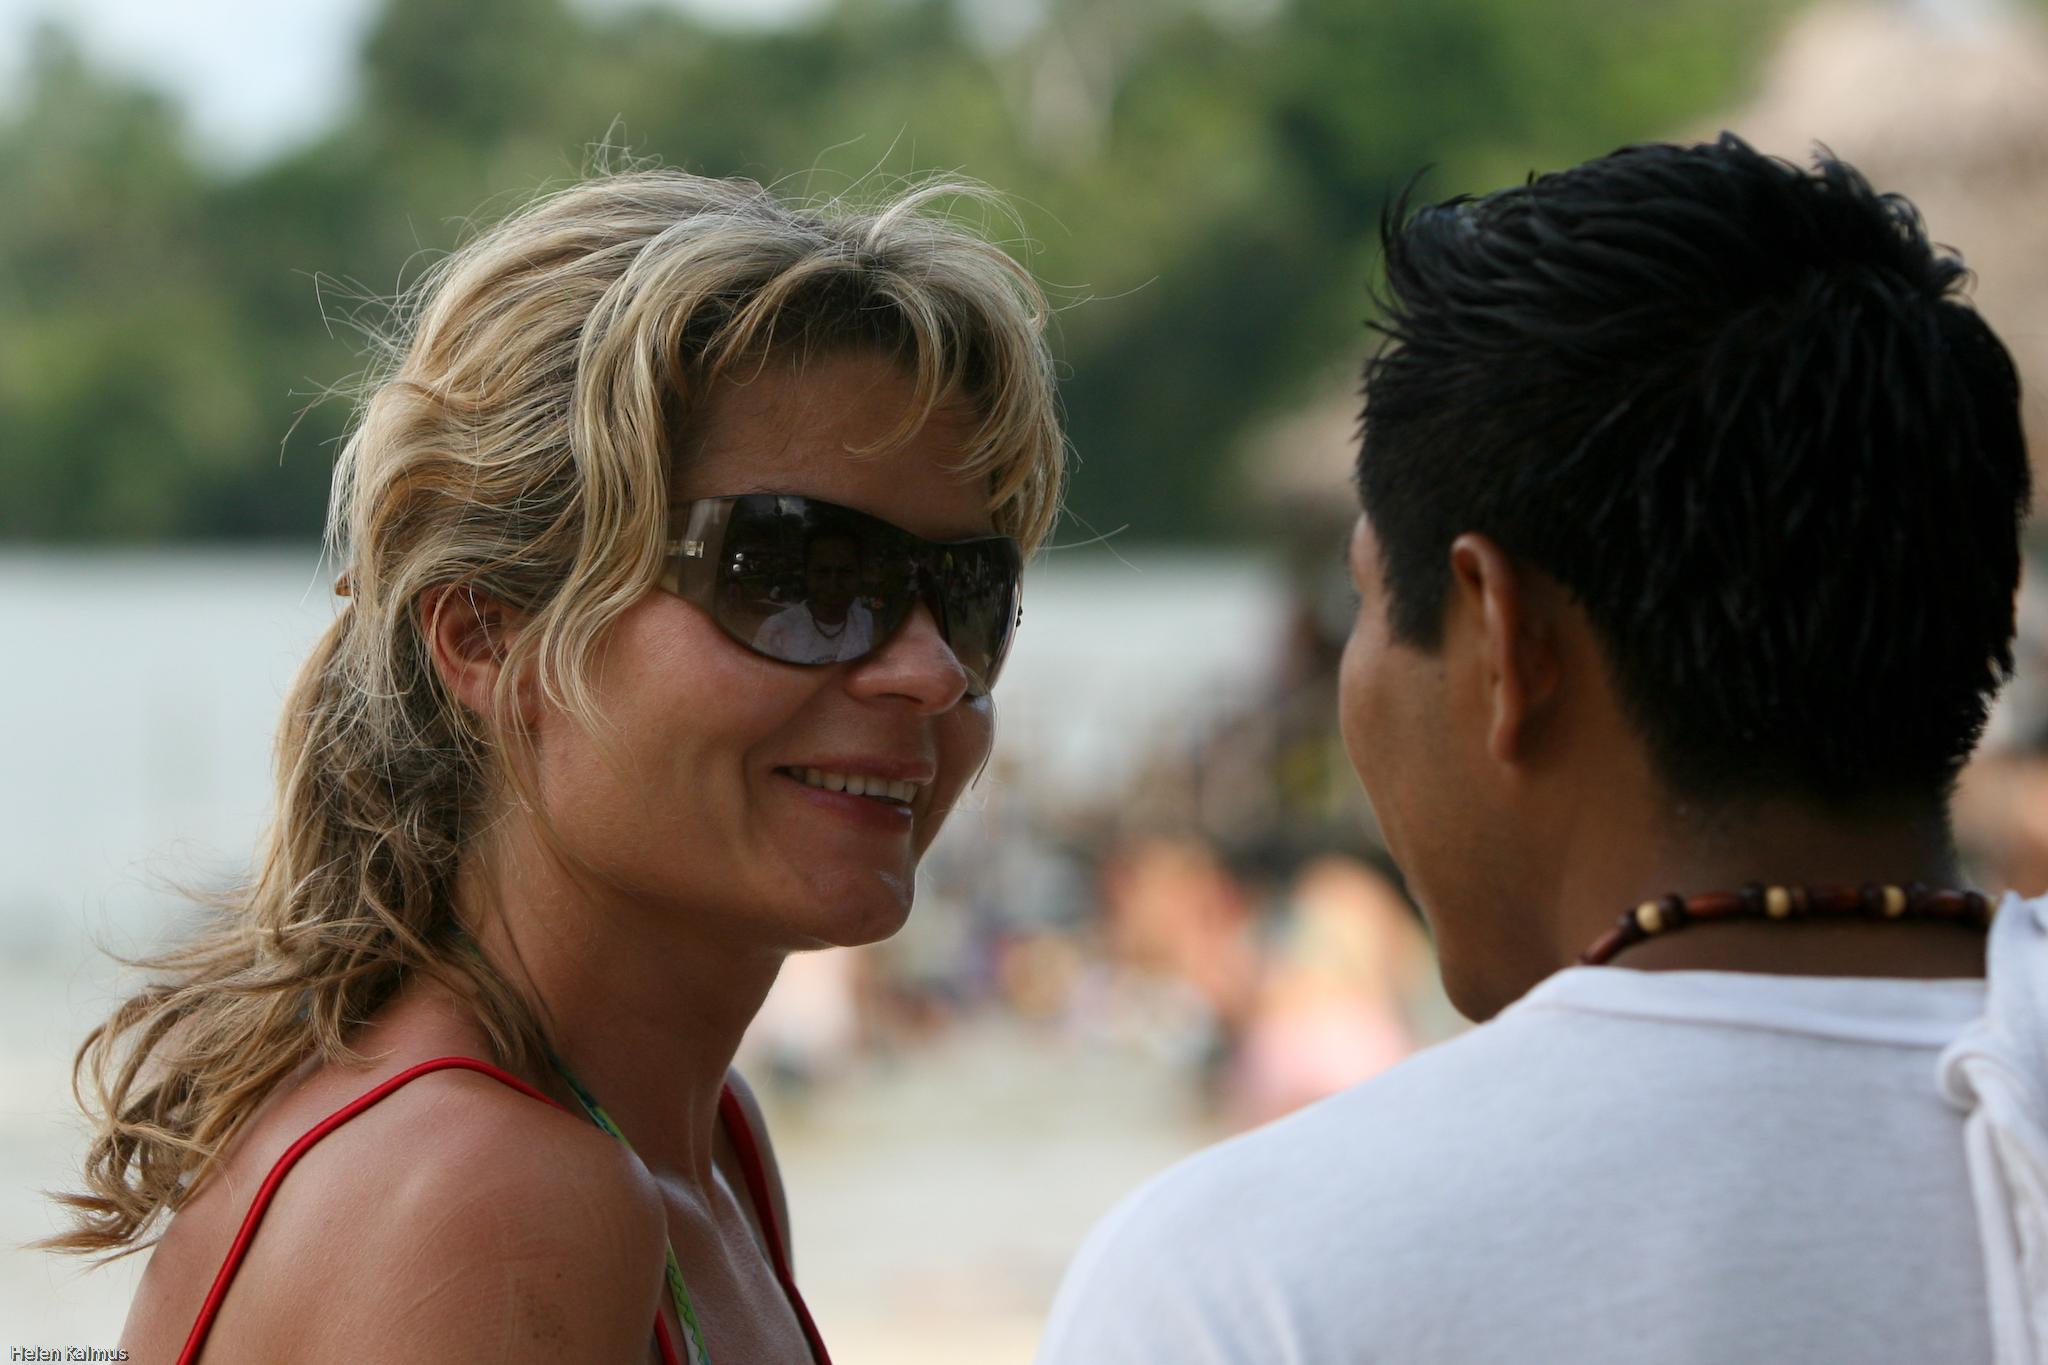 Kristiina meie kõige esimesel reisil, Peruus 2008.aastal. Foto: Helen Kalmus